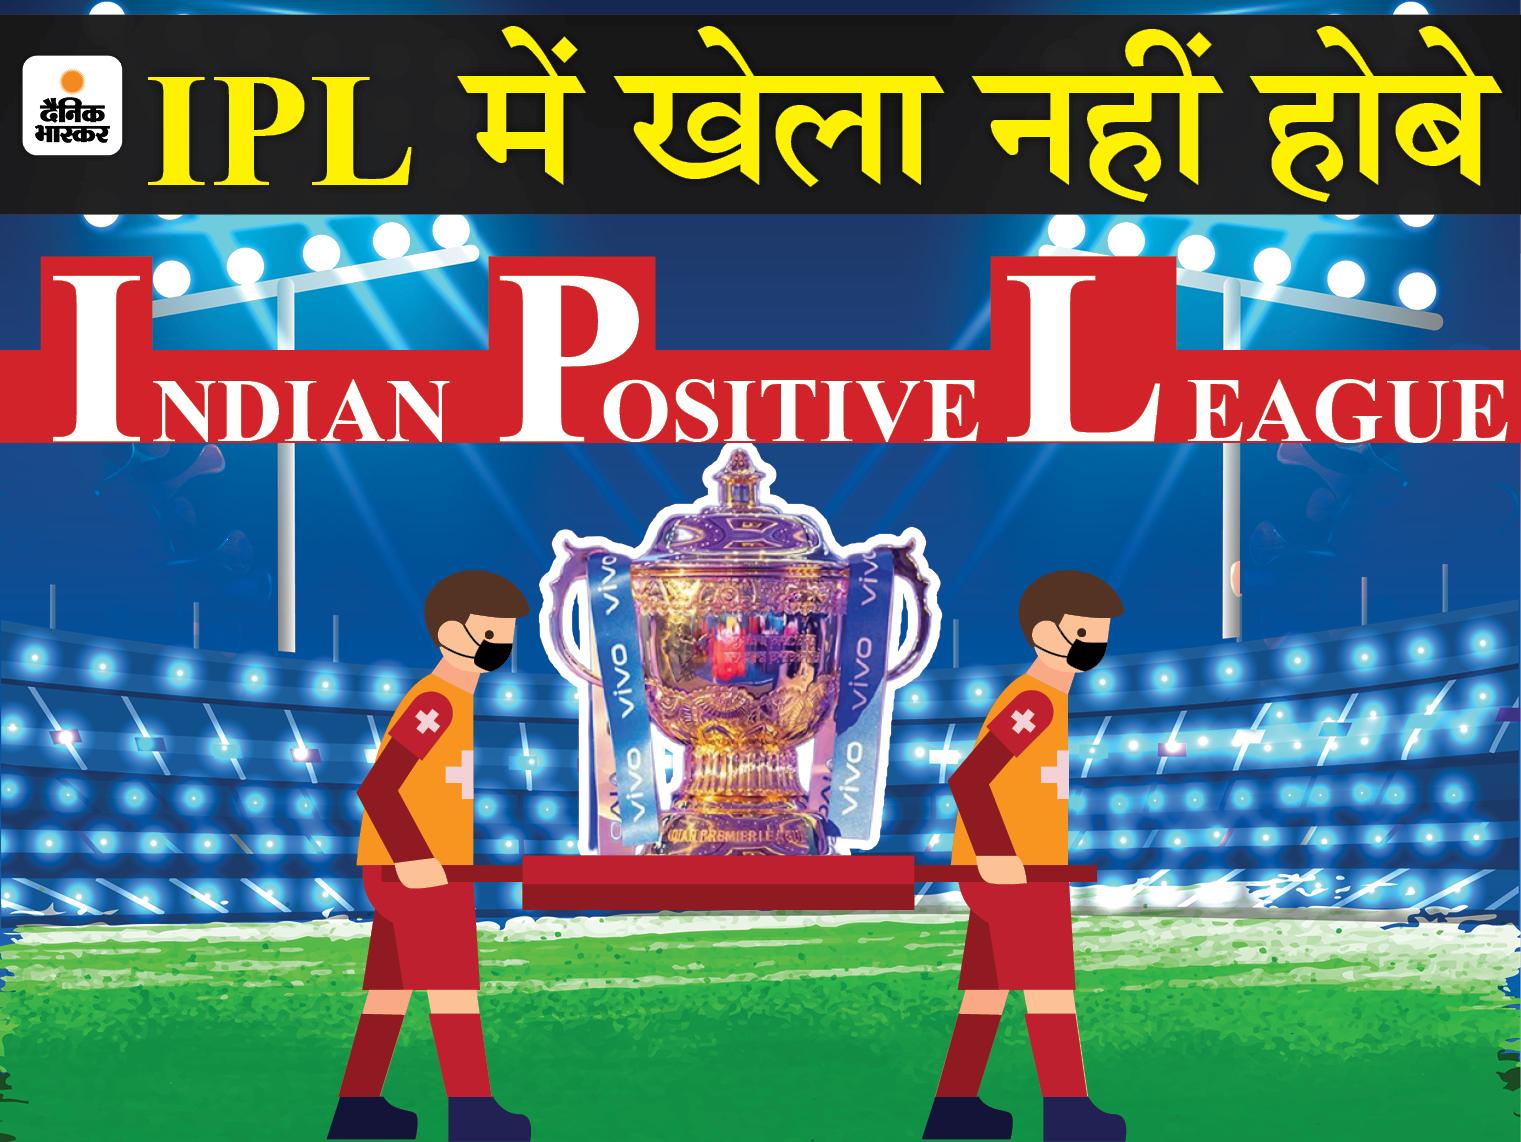 कई खिलाड़ियों को कोरोना होने के बाद टूर्नामेंट सस्पेंड; बालाजी के बाद CSK के बैटिंग कोच माइक हसी भी संक्रमित|IPL 2021,IPL 2021 - Dainik Bhaskar